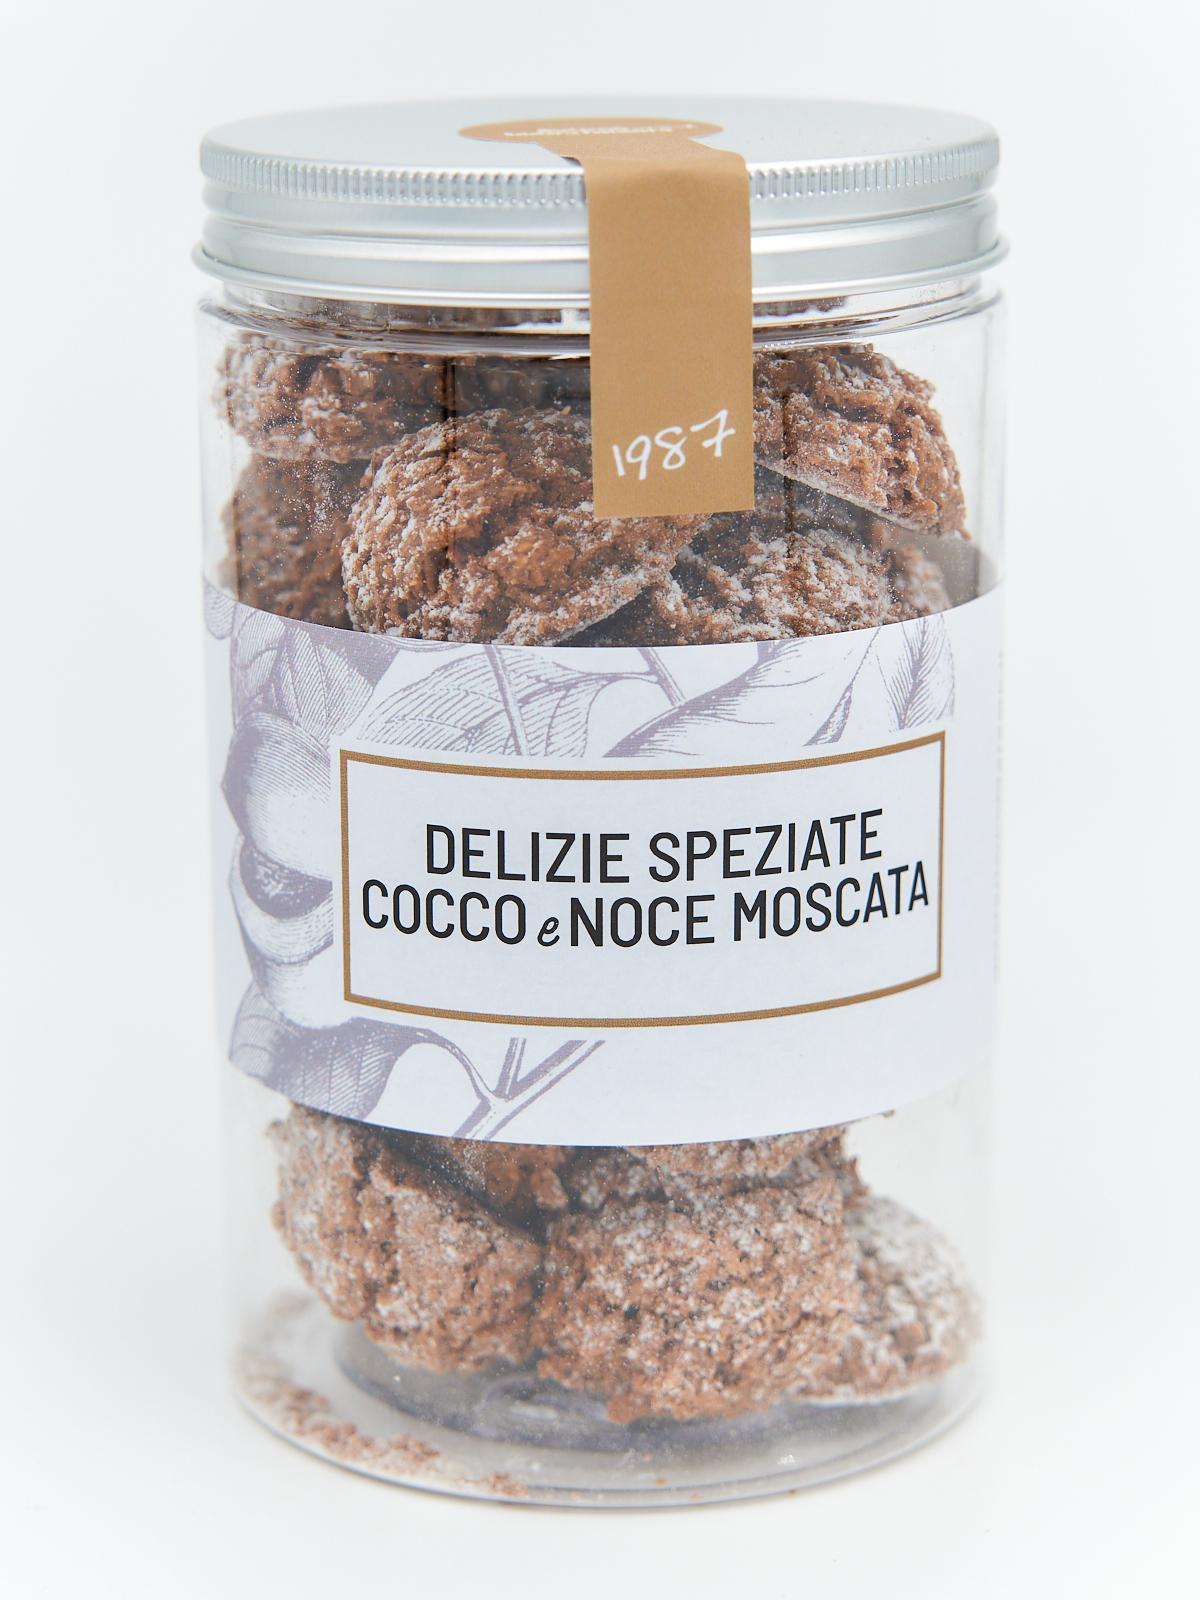 Delizie Speziate Cocco e Noce Moscata